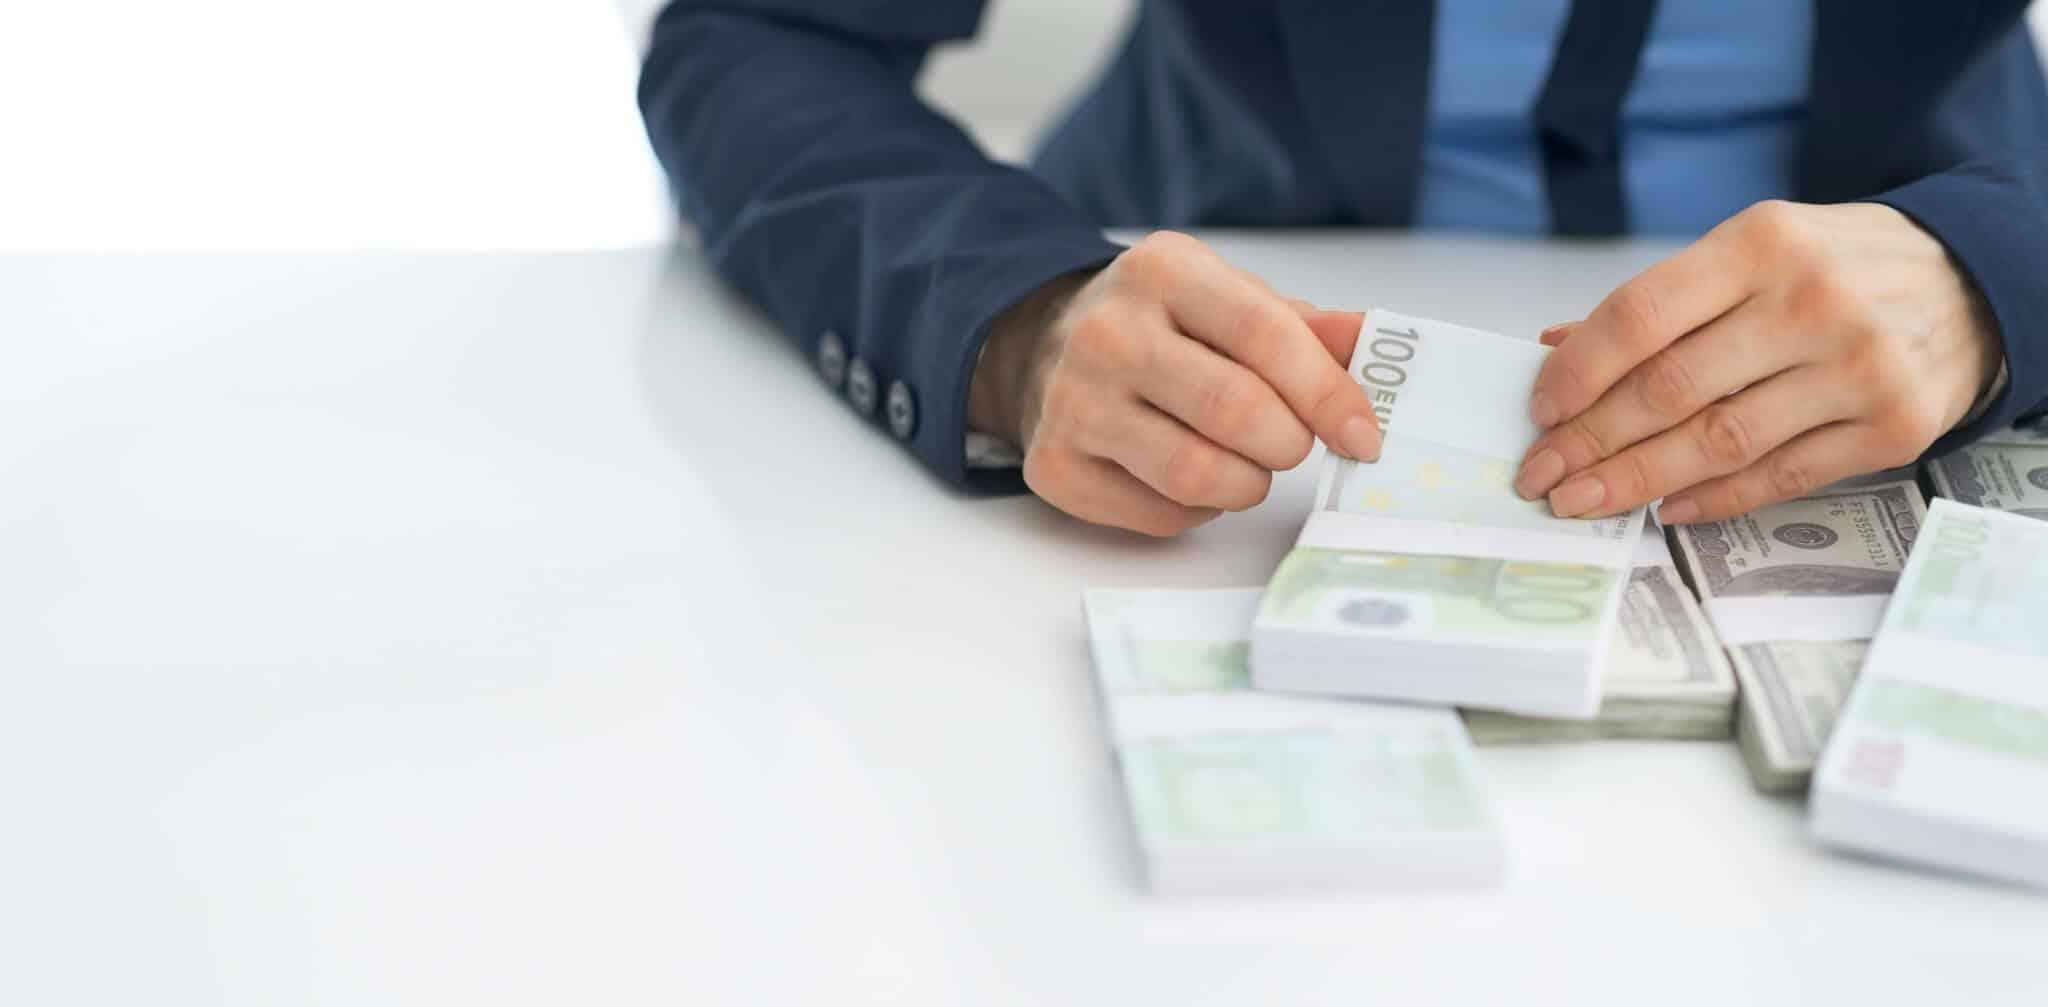 homem a mexer em notas de 100 euros